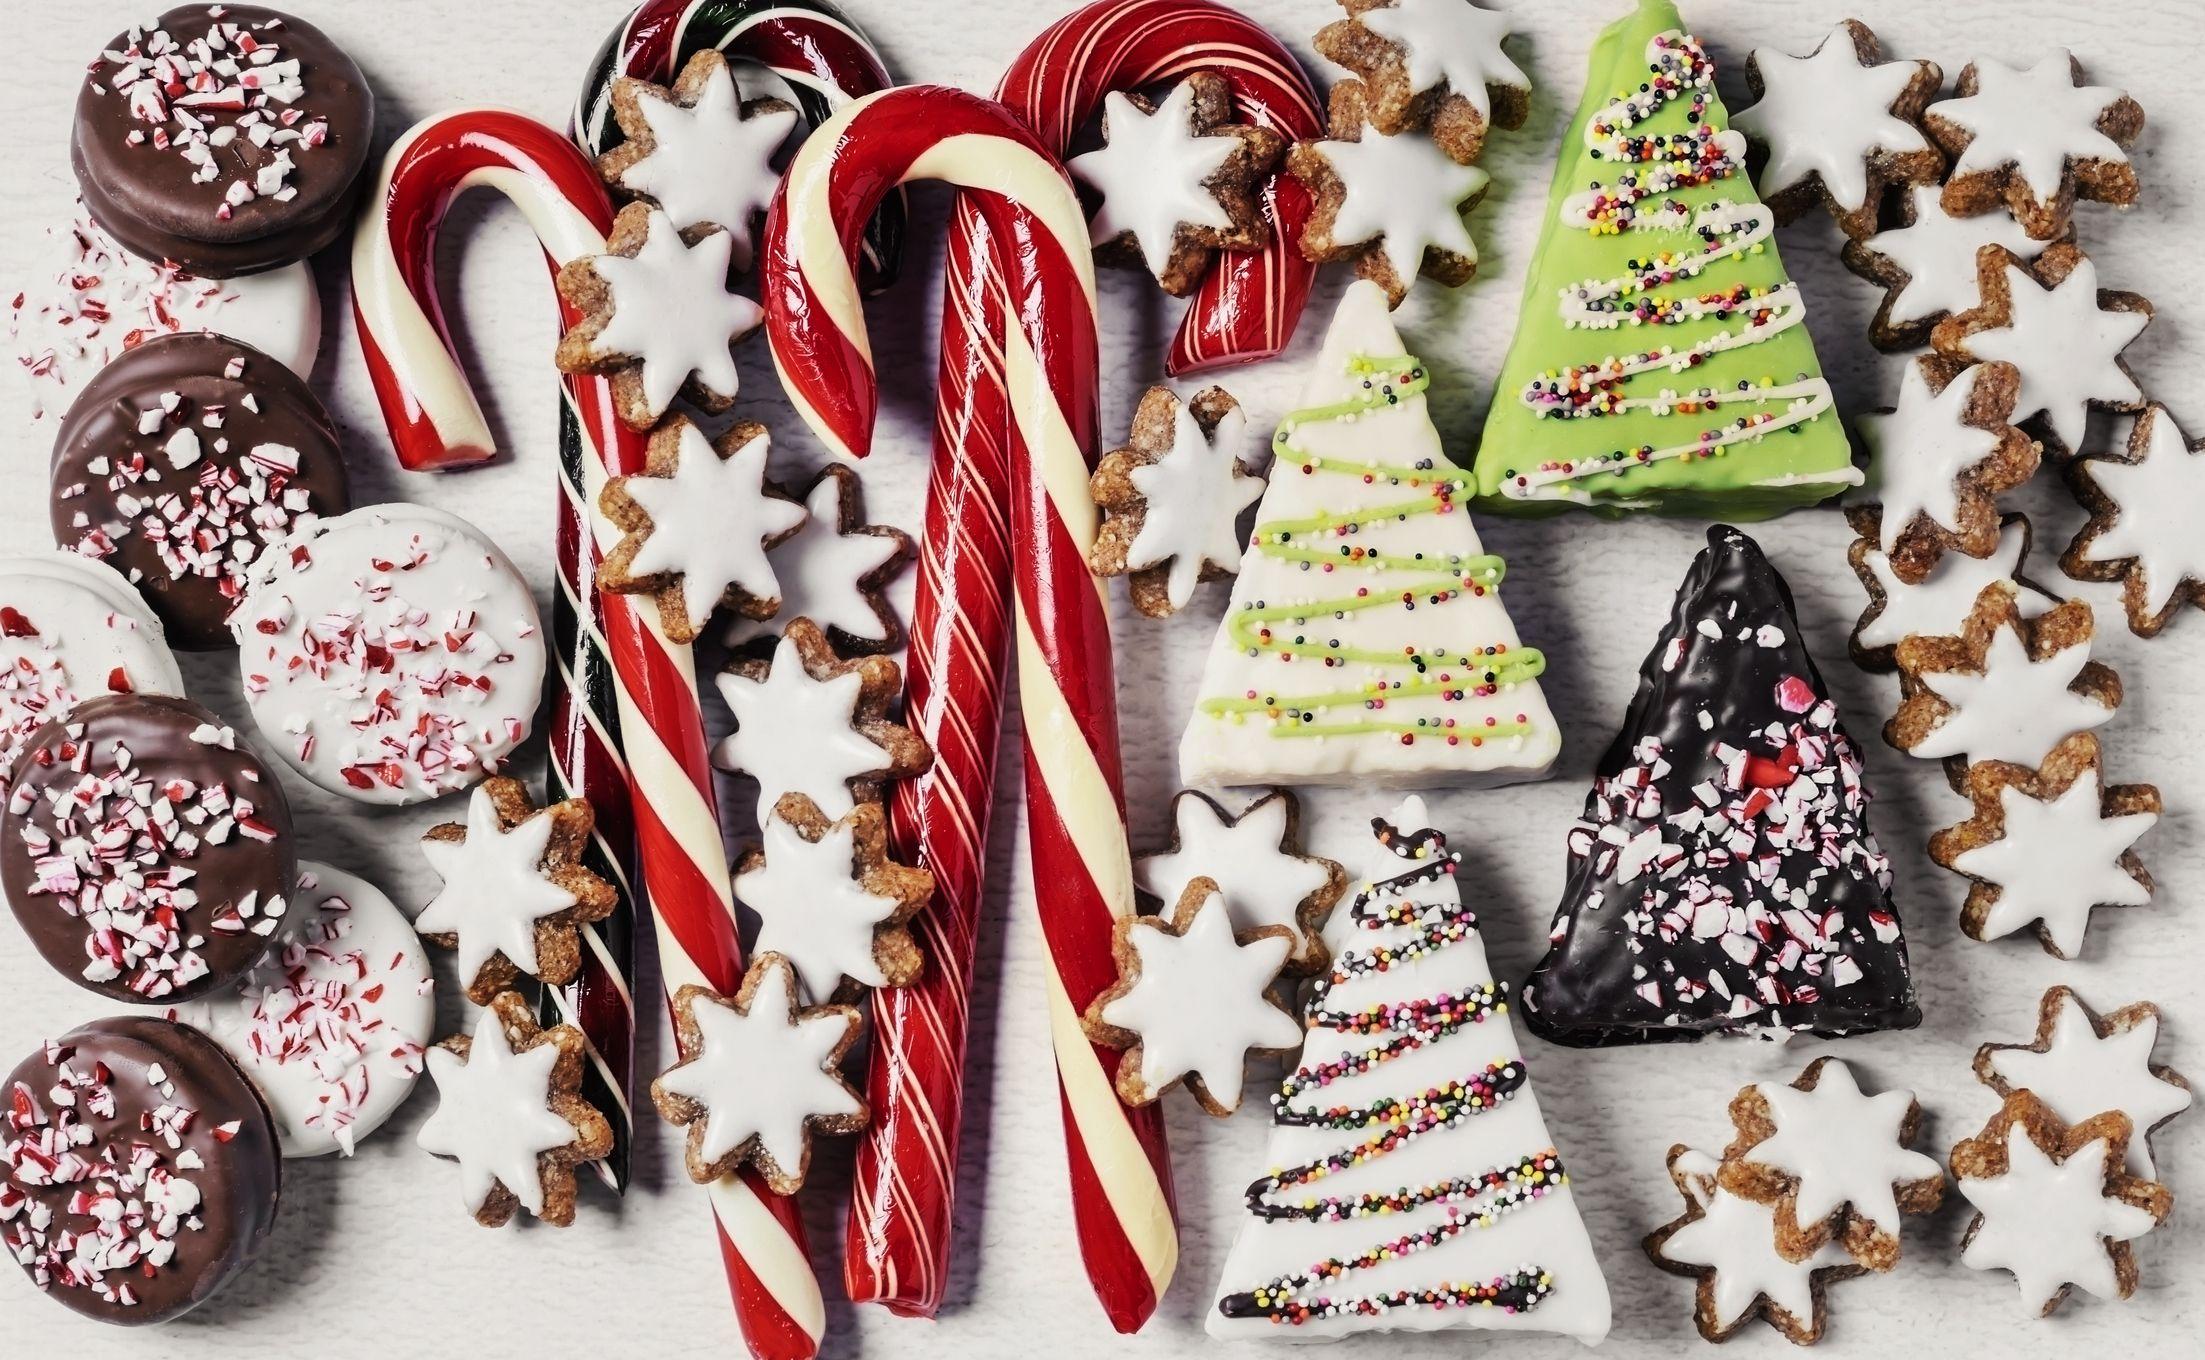 Decorazioni Natalizie Caramelle.20 Decorazioni Edibili Da Appendere All Albero Di Natale